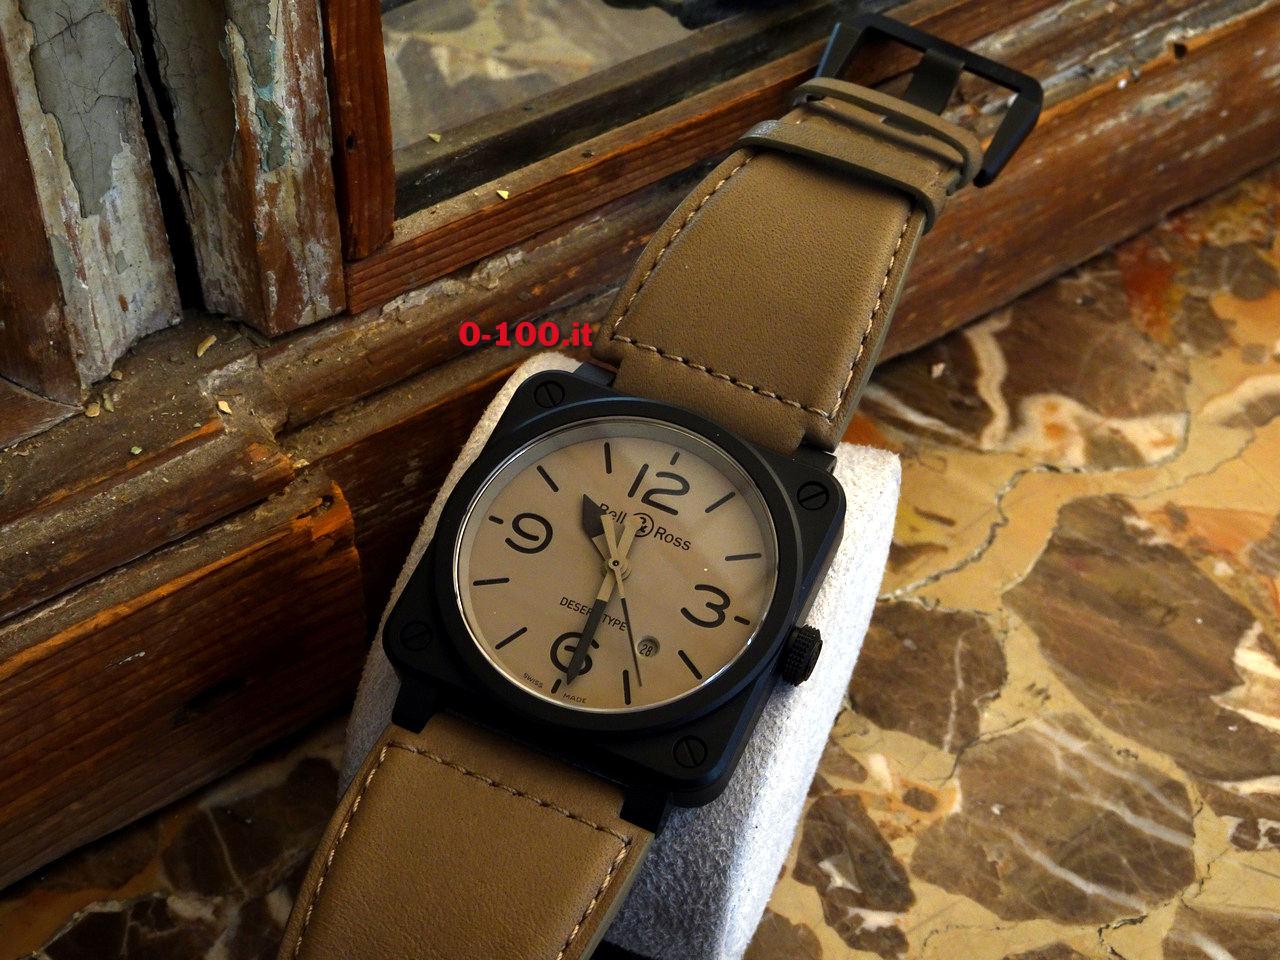 bell-ross-BR03-Desert-Type-prezzo-price-0-100_29